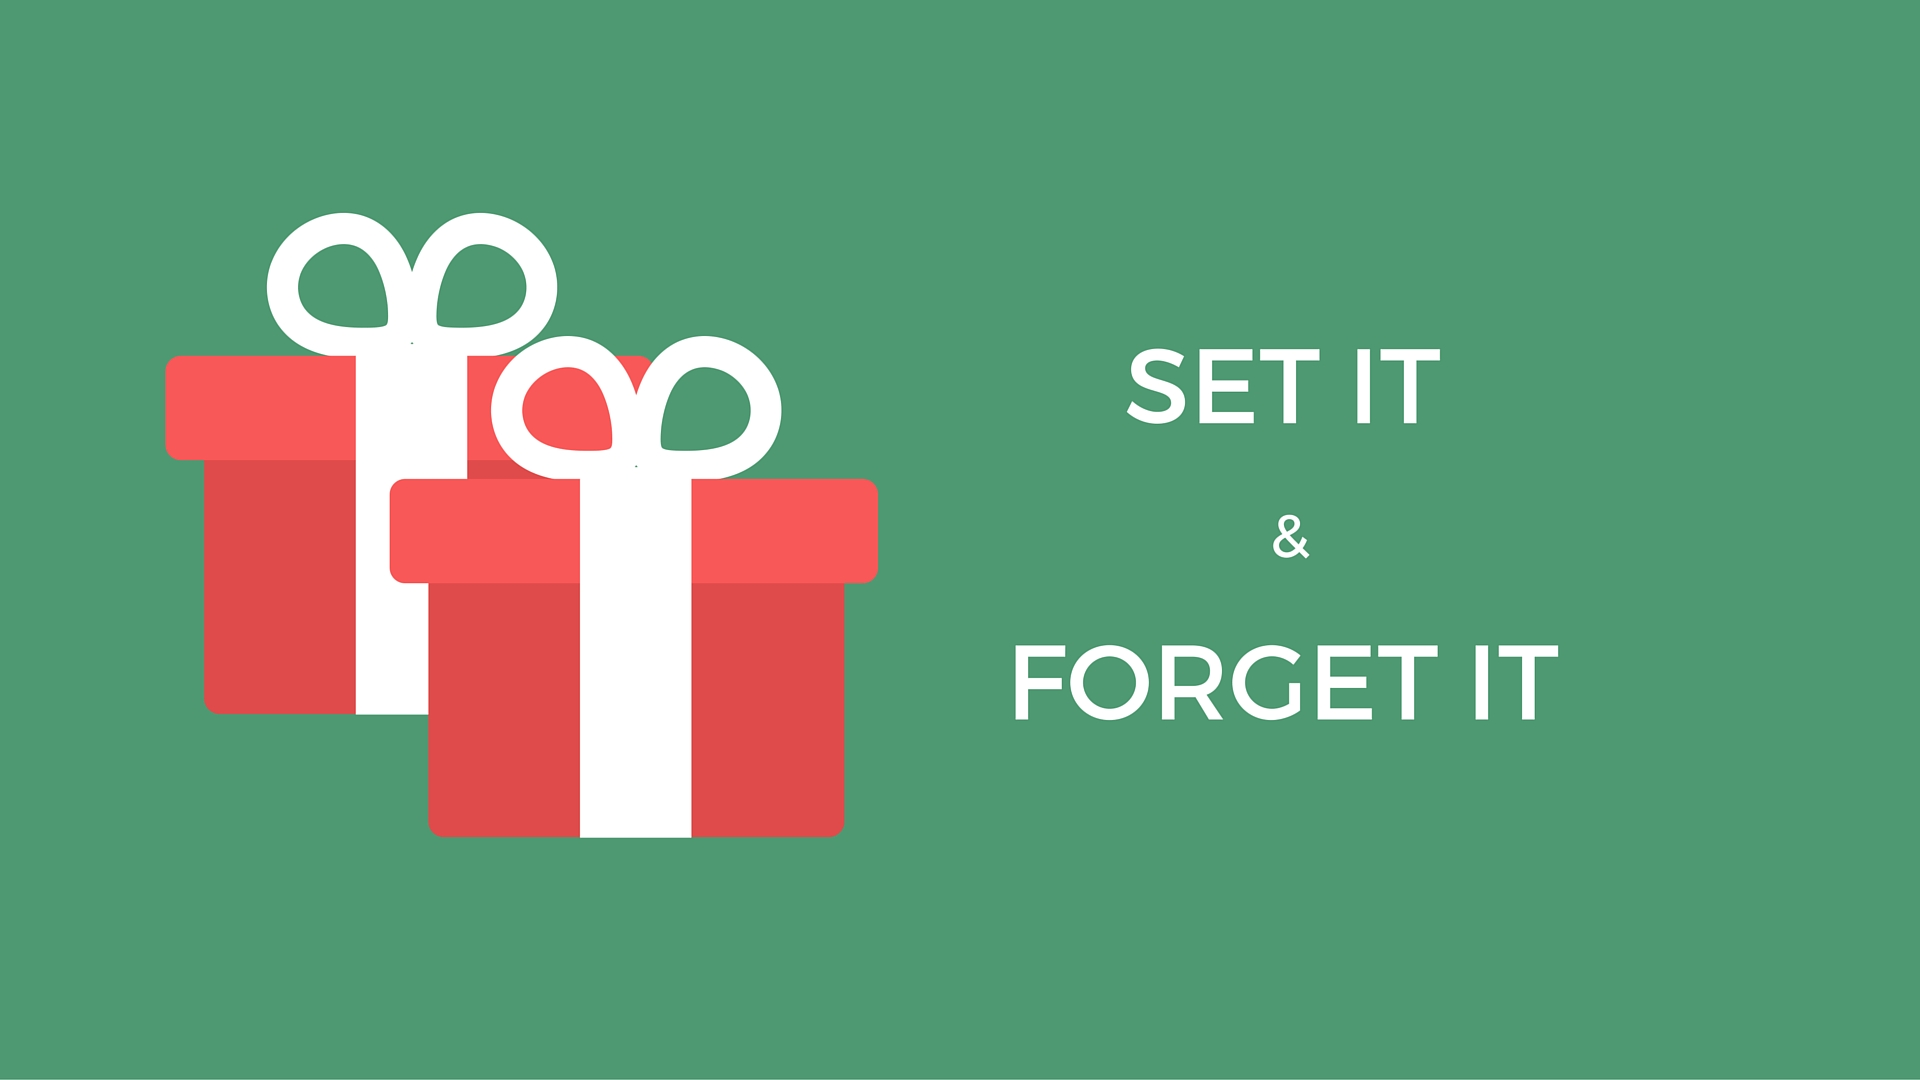 SET IT& FORGET IT